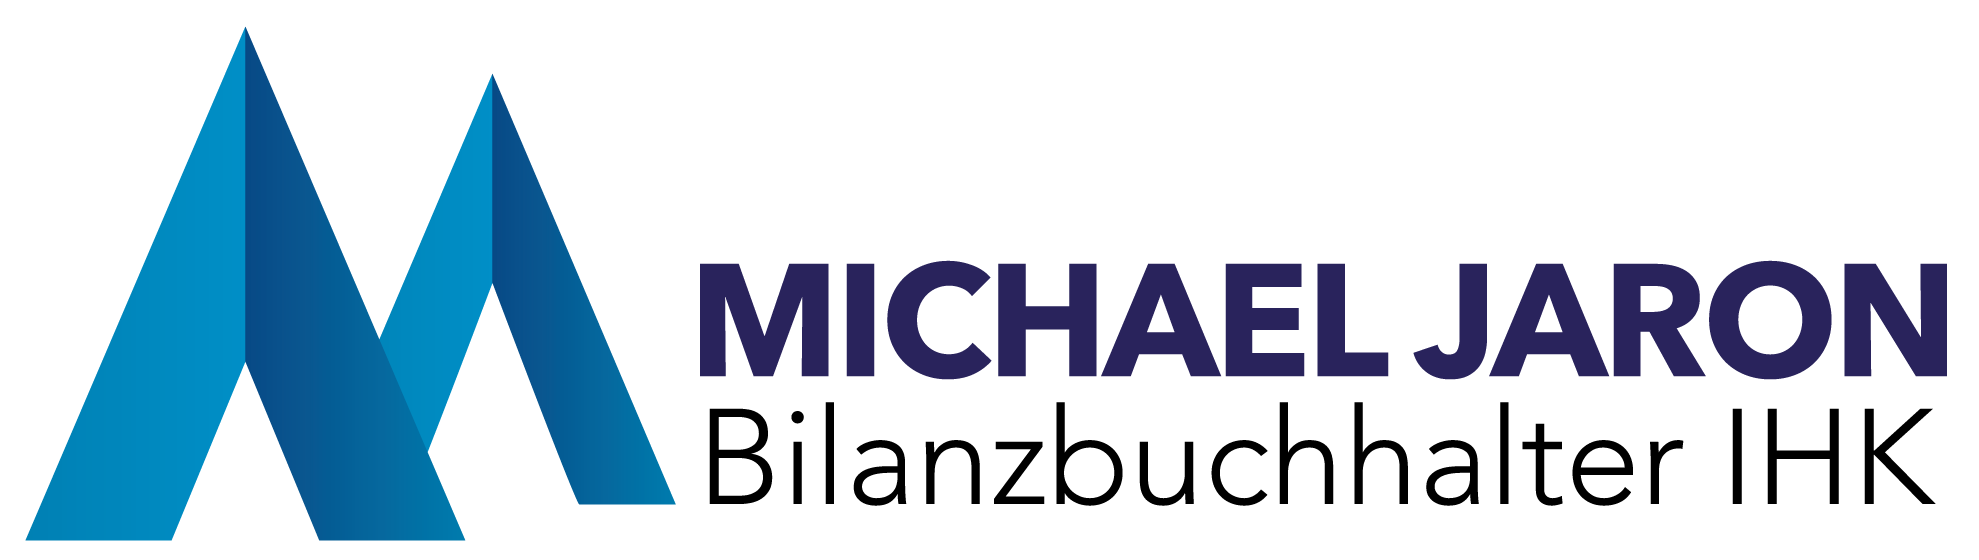 Michael Jaron – Ihr Bilanzbuchhalter IHK